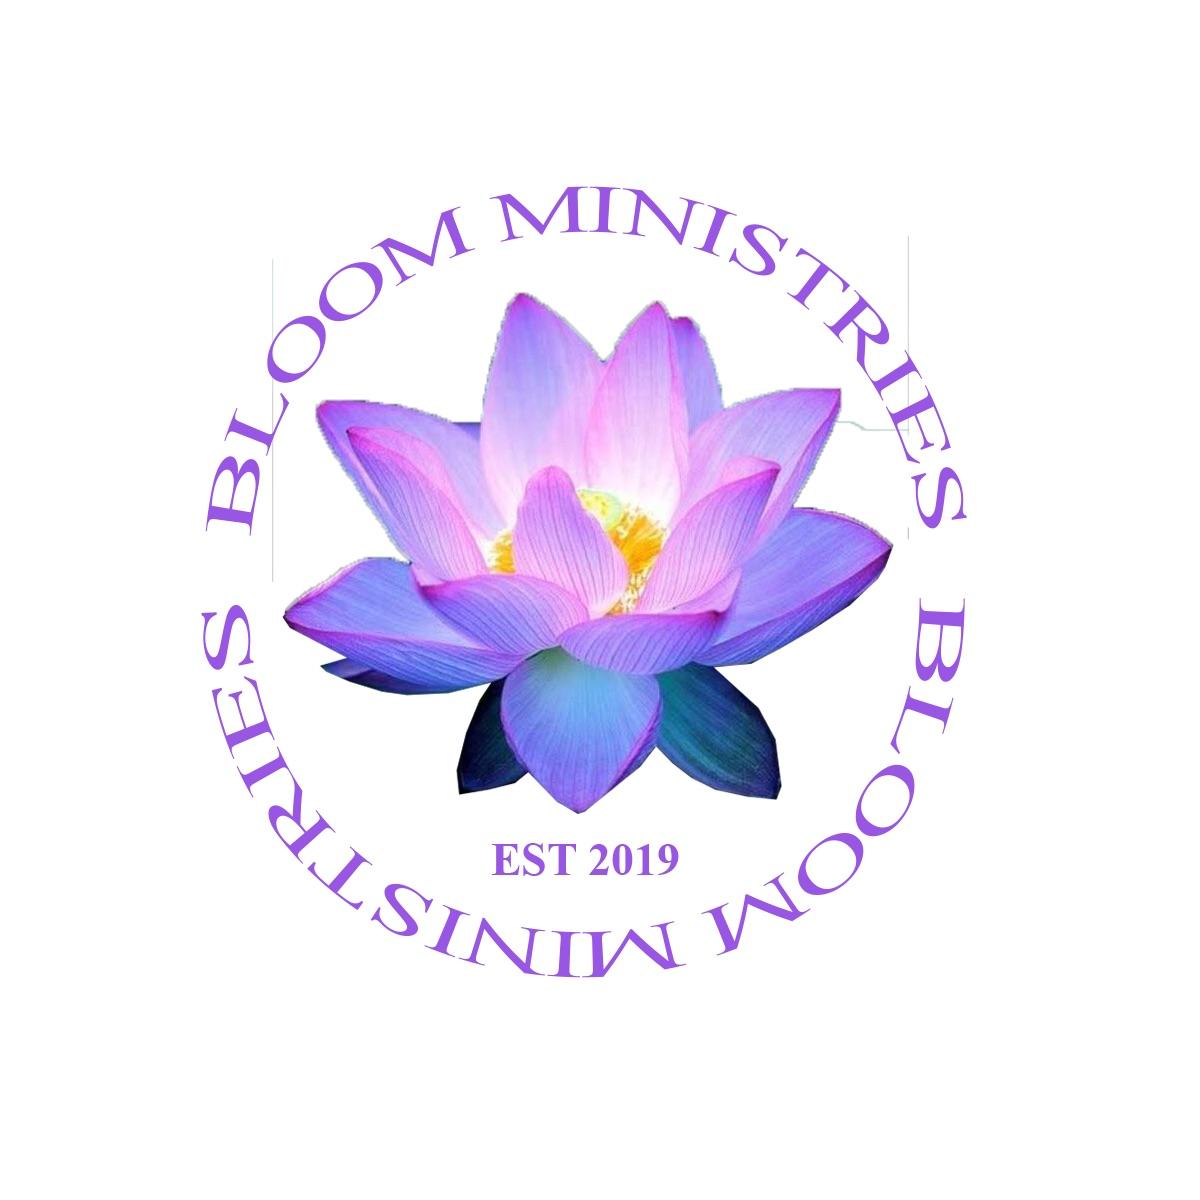 Bloom Ministries